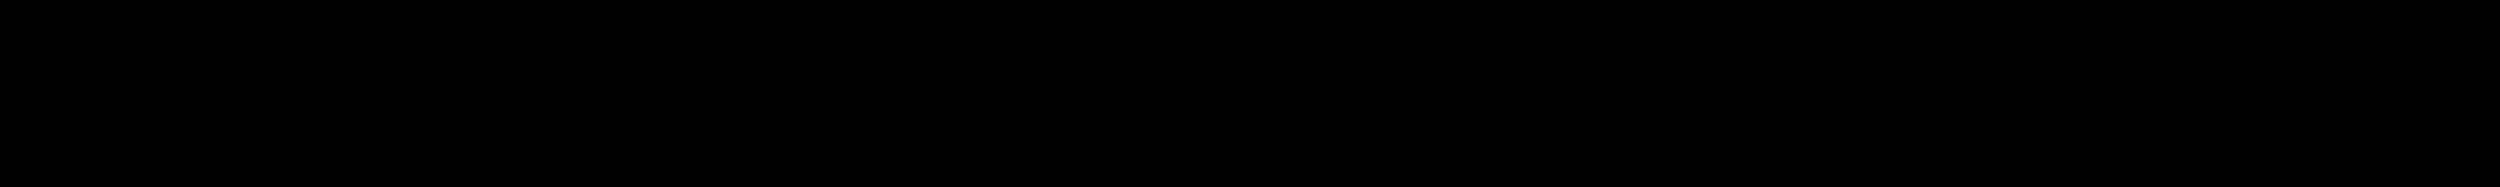 EEAHA_logo1_black_wide.png